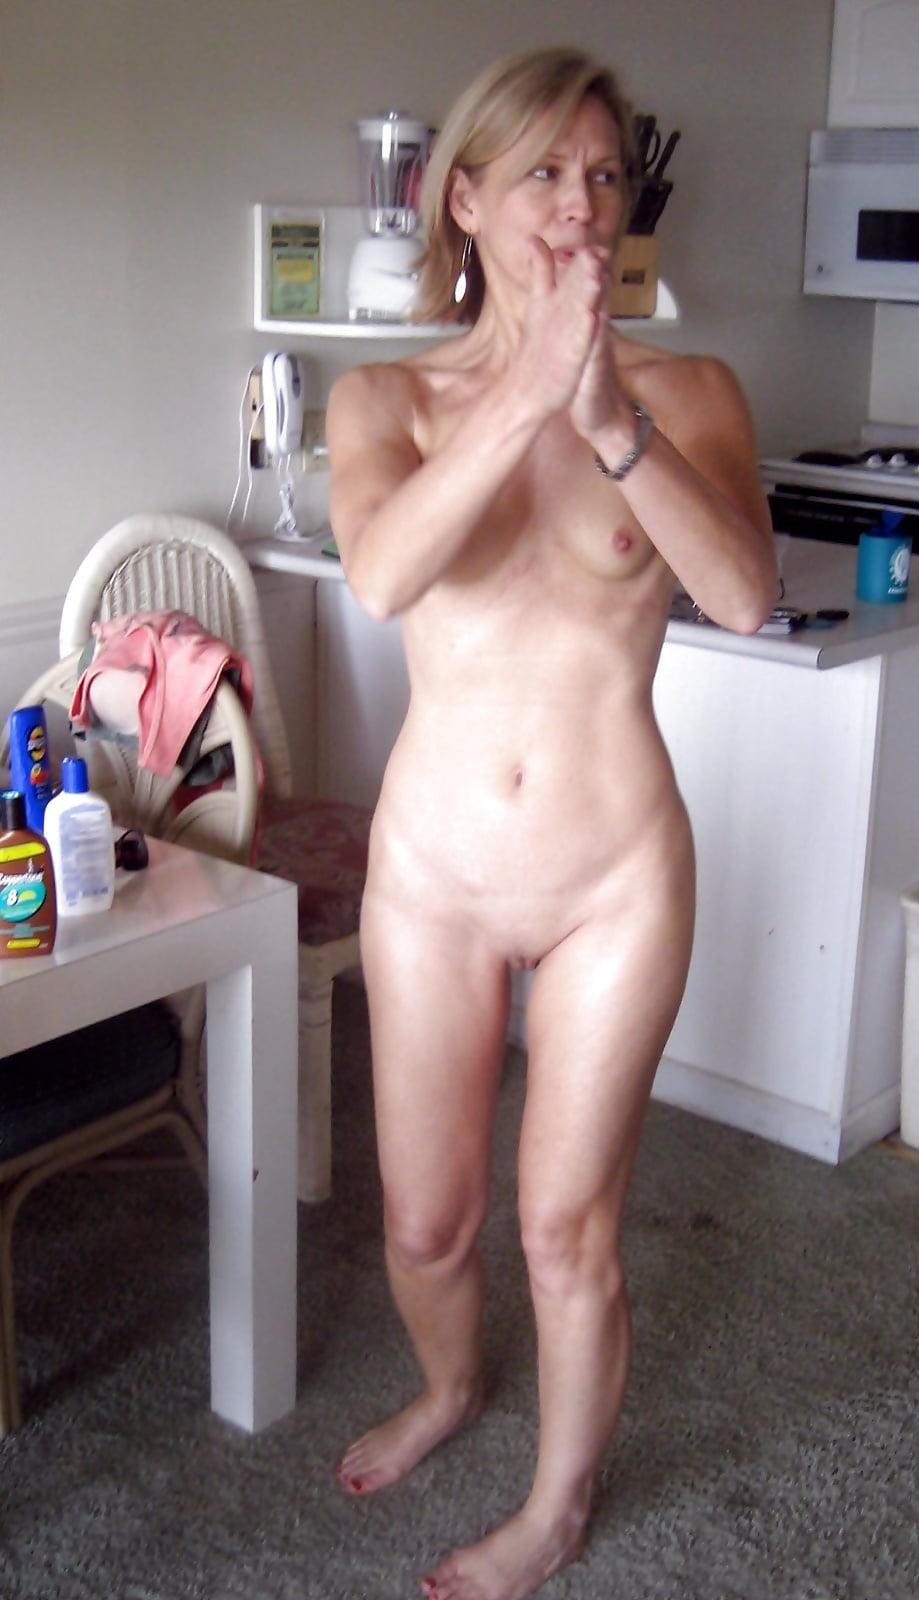 Shirley alegre sesion de fotos malcriada - 3 4